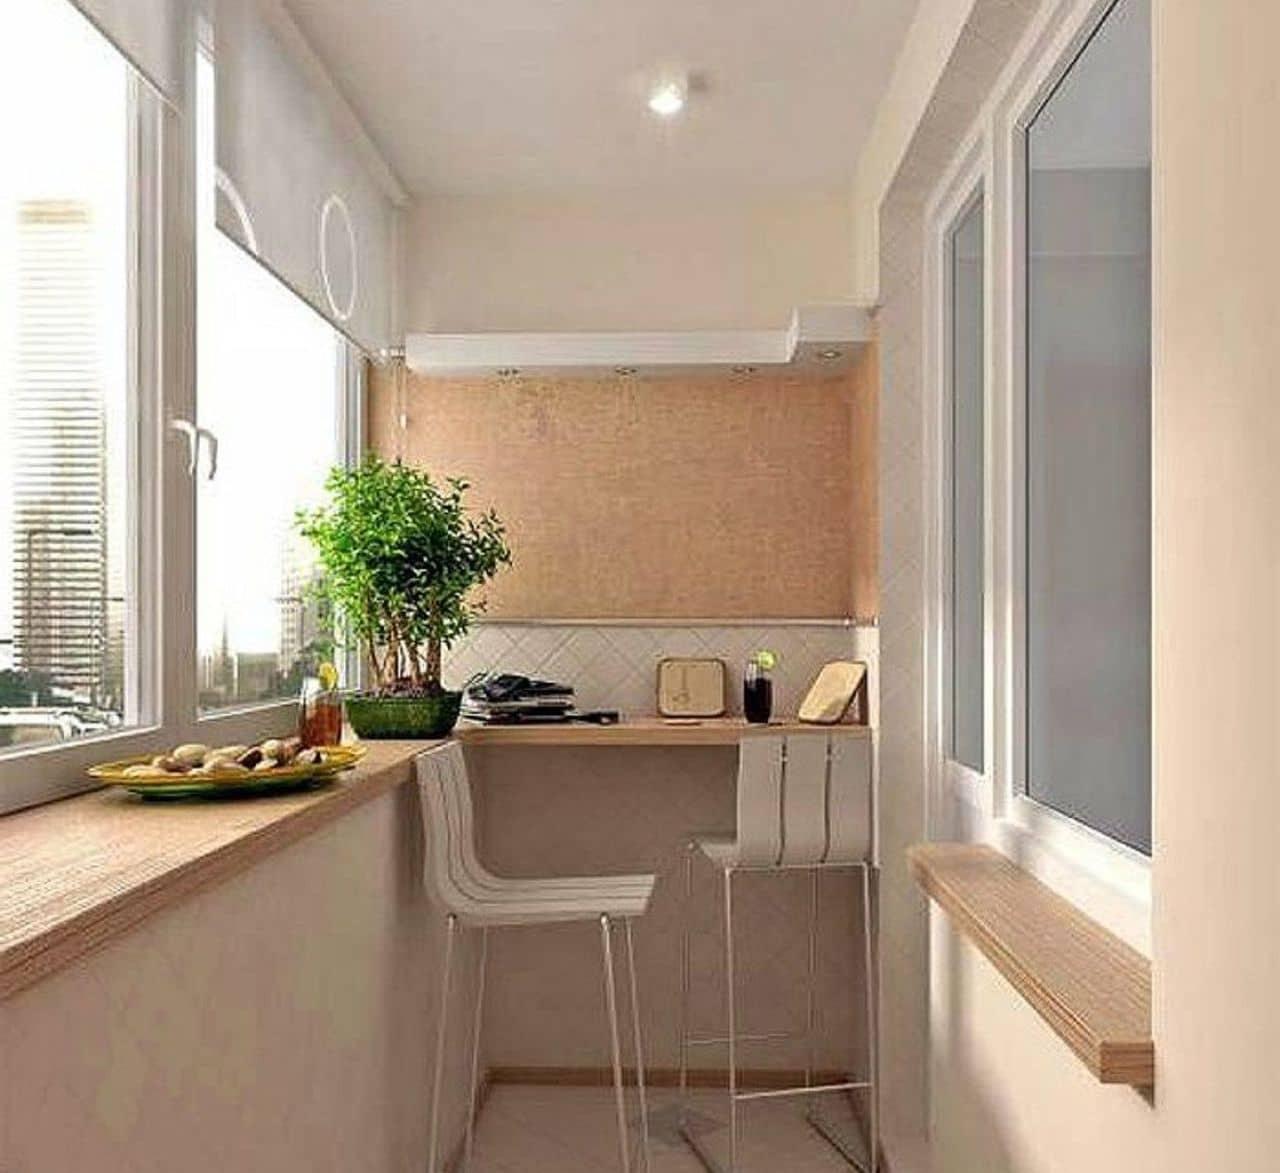 """Маленький балкон"""" - карточка пользователя lisanatasha927 в Я."""